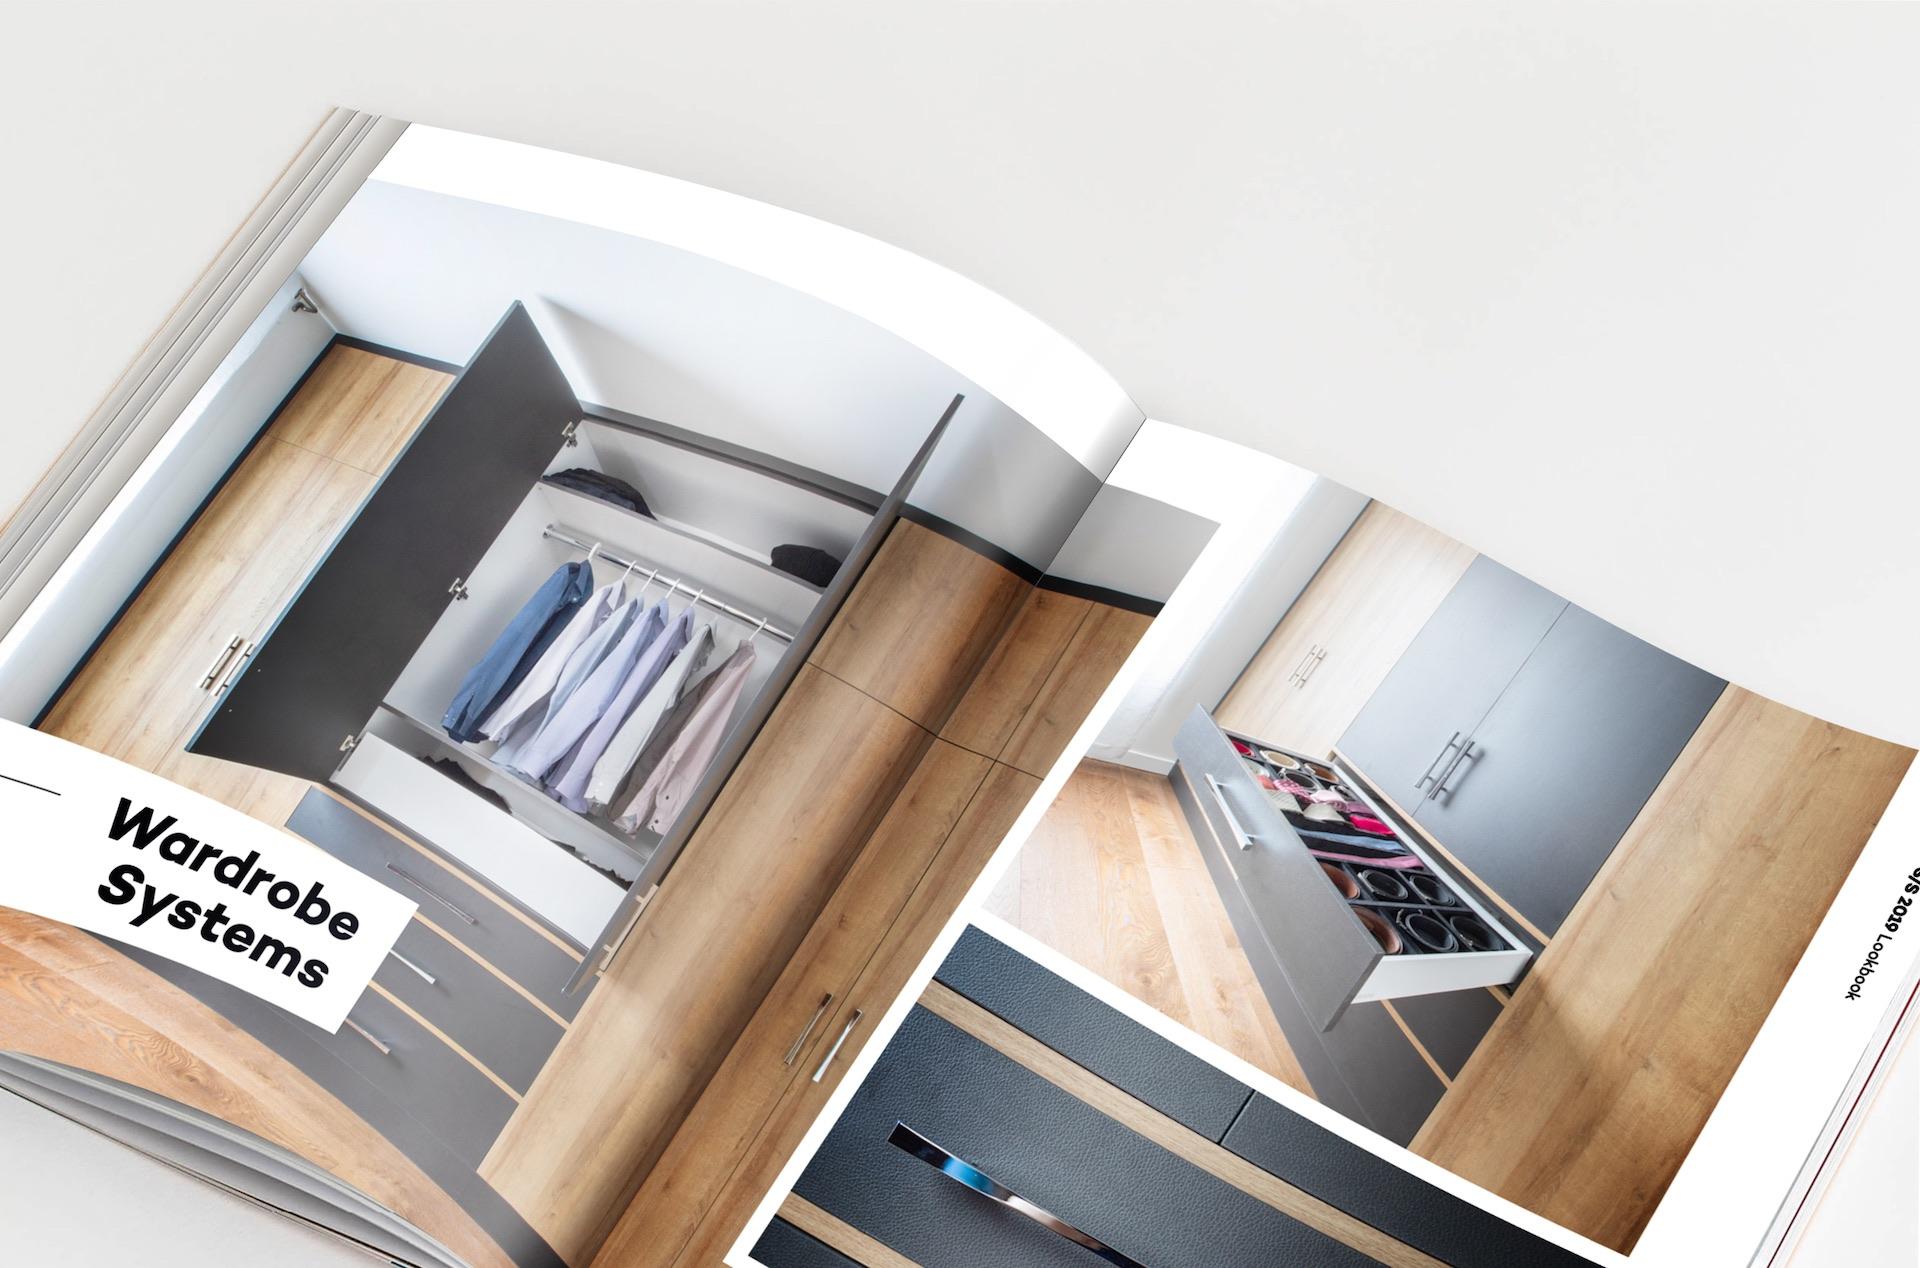 NIICO Lookbook interior page wardrobes